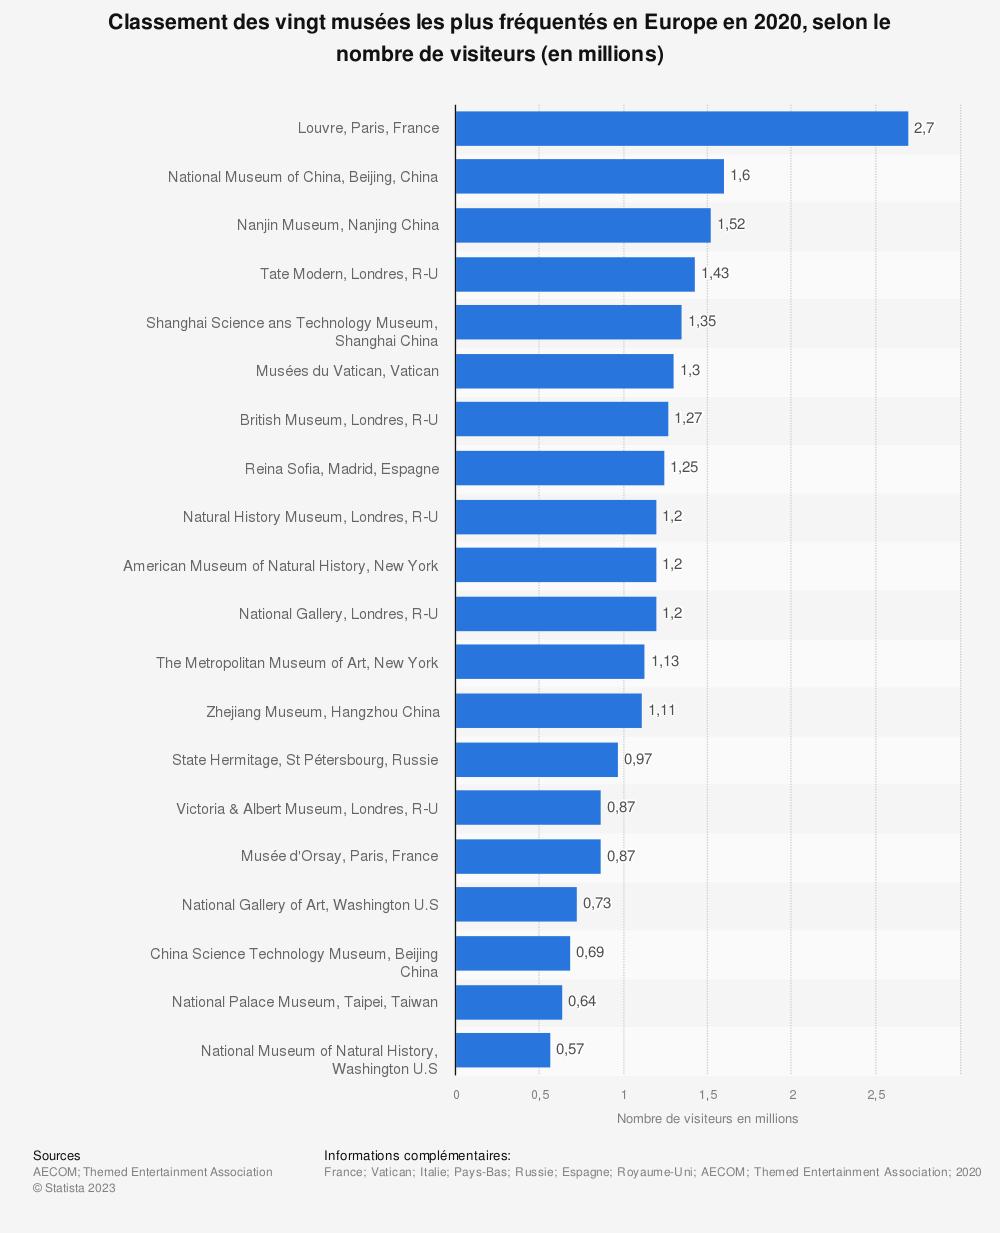 Statistique: Classement des vingt musées les plus fréquentés en Europe en 2017, selon le nombre de visiteurs (en millions) | Statista